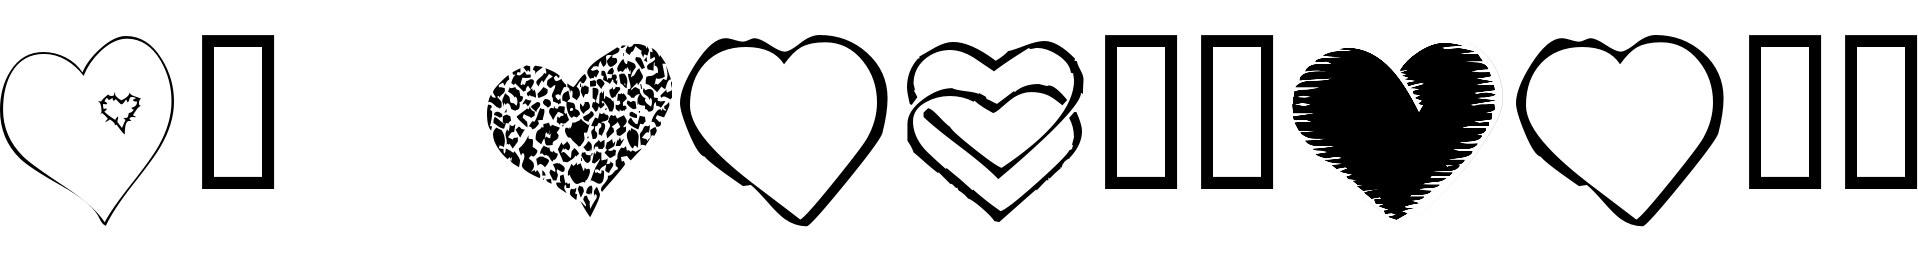 KR Heartfelt